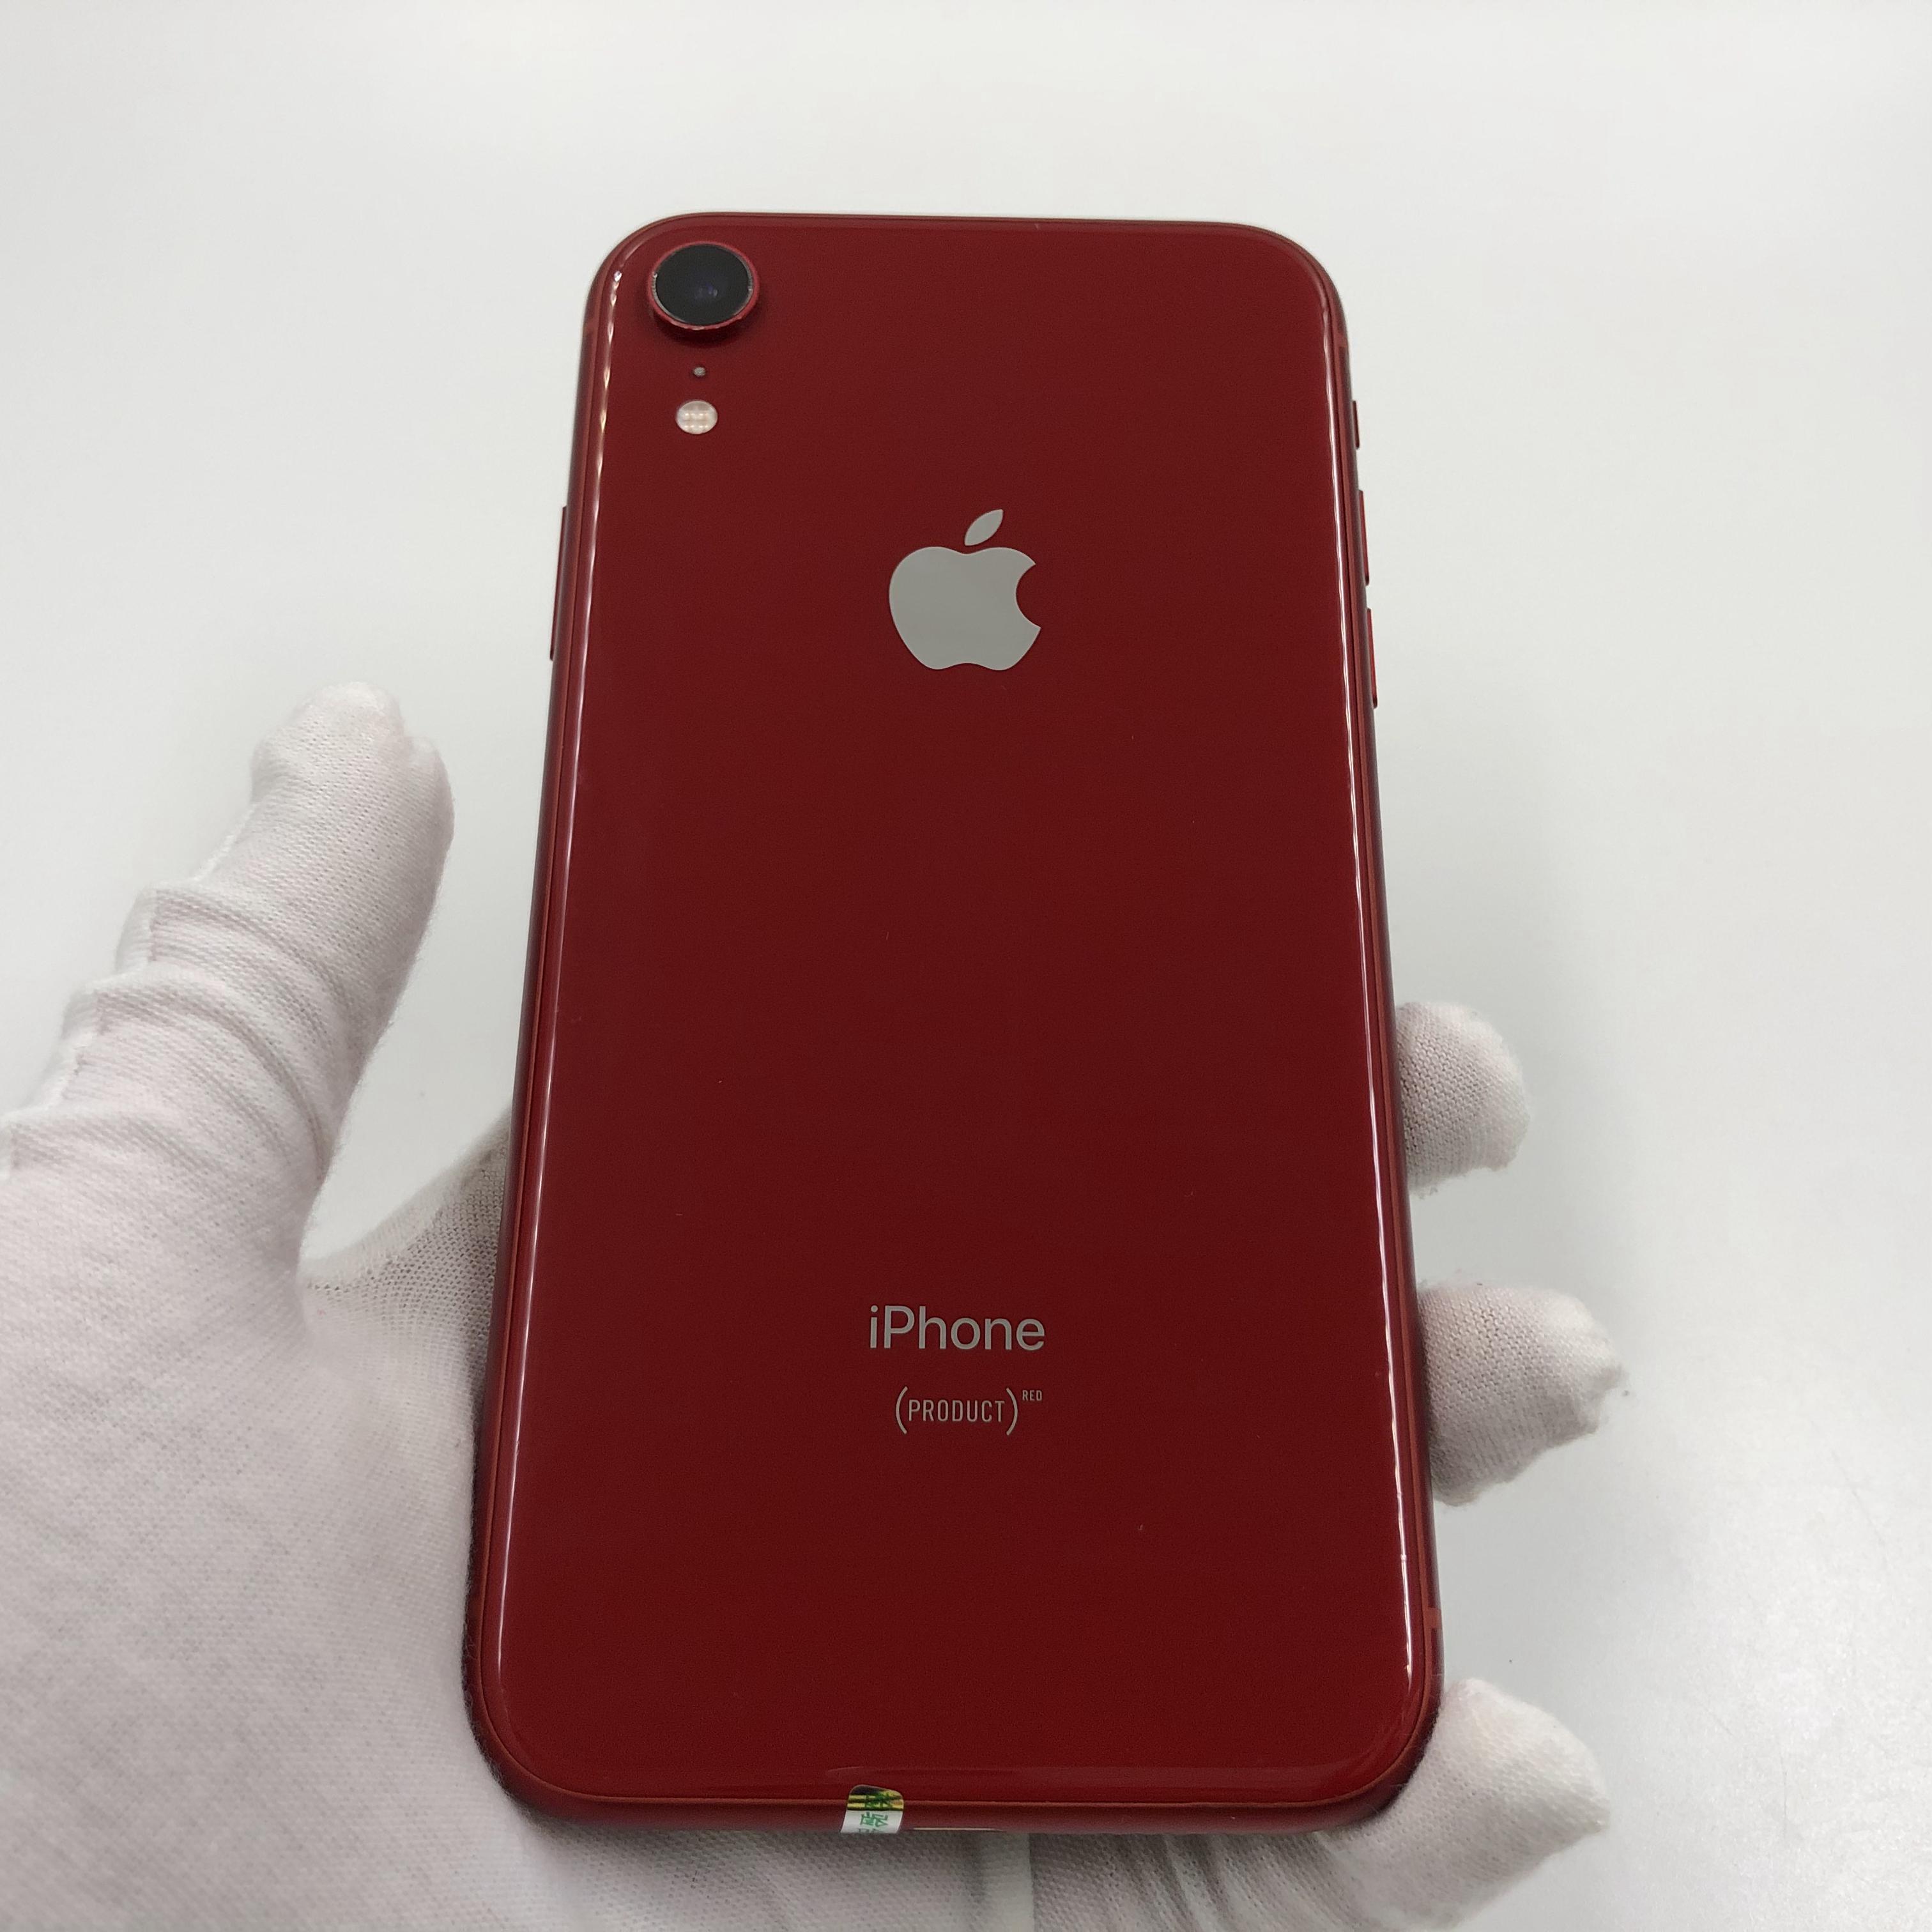 苹果【iPhone XR】移动联通 4G/3G/2G 红色 128G 国际版 8成新 真机实拍